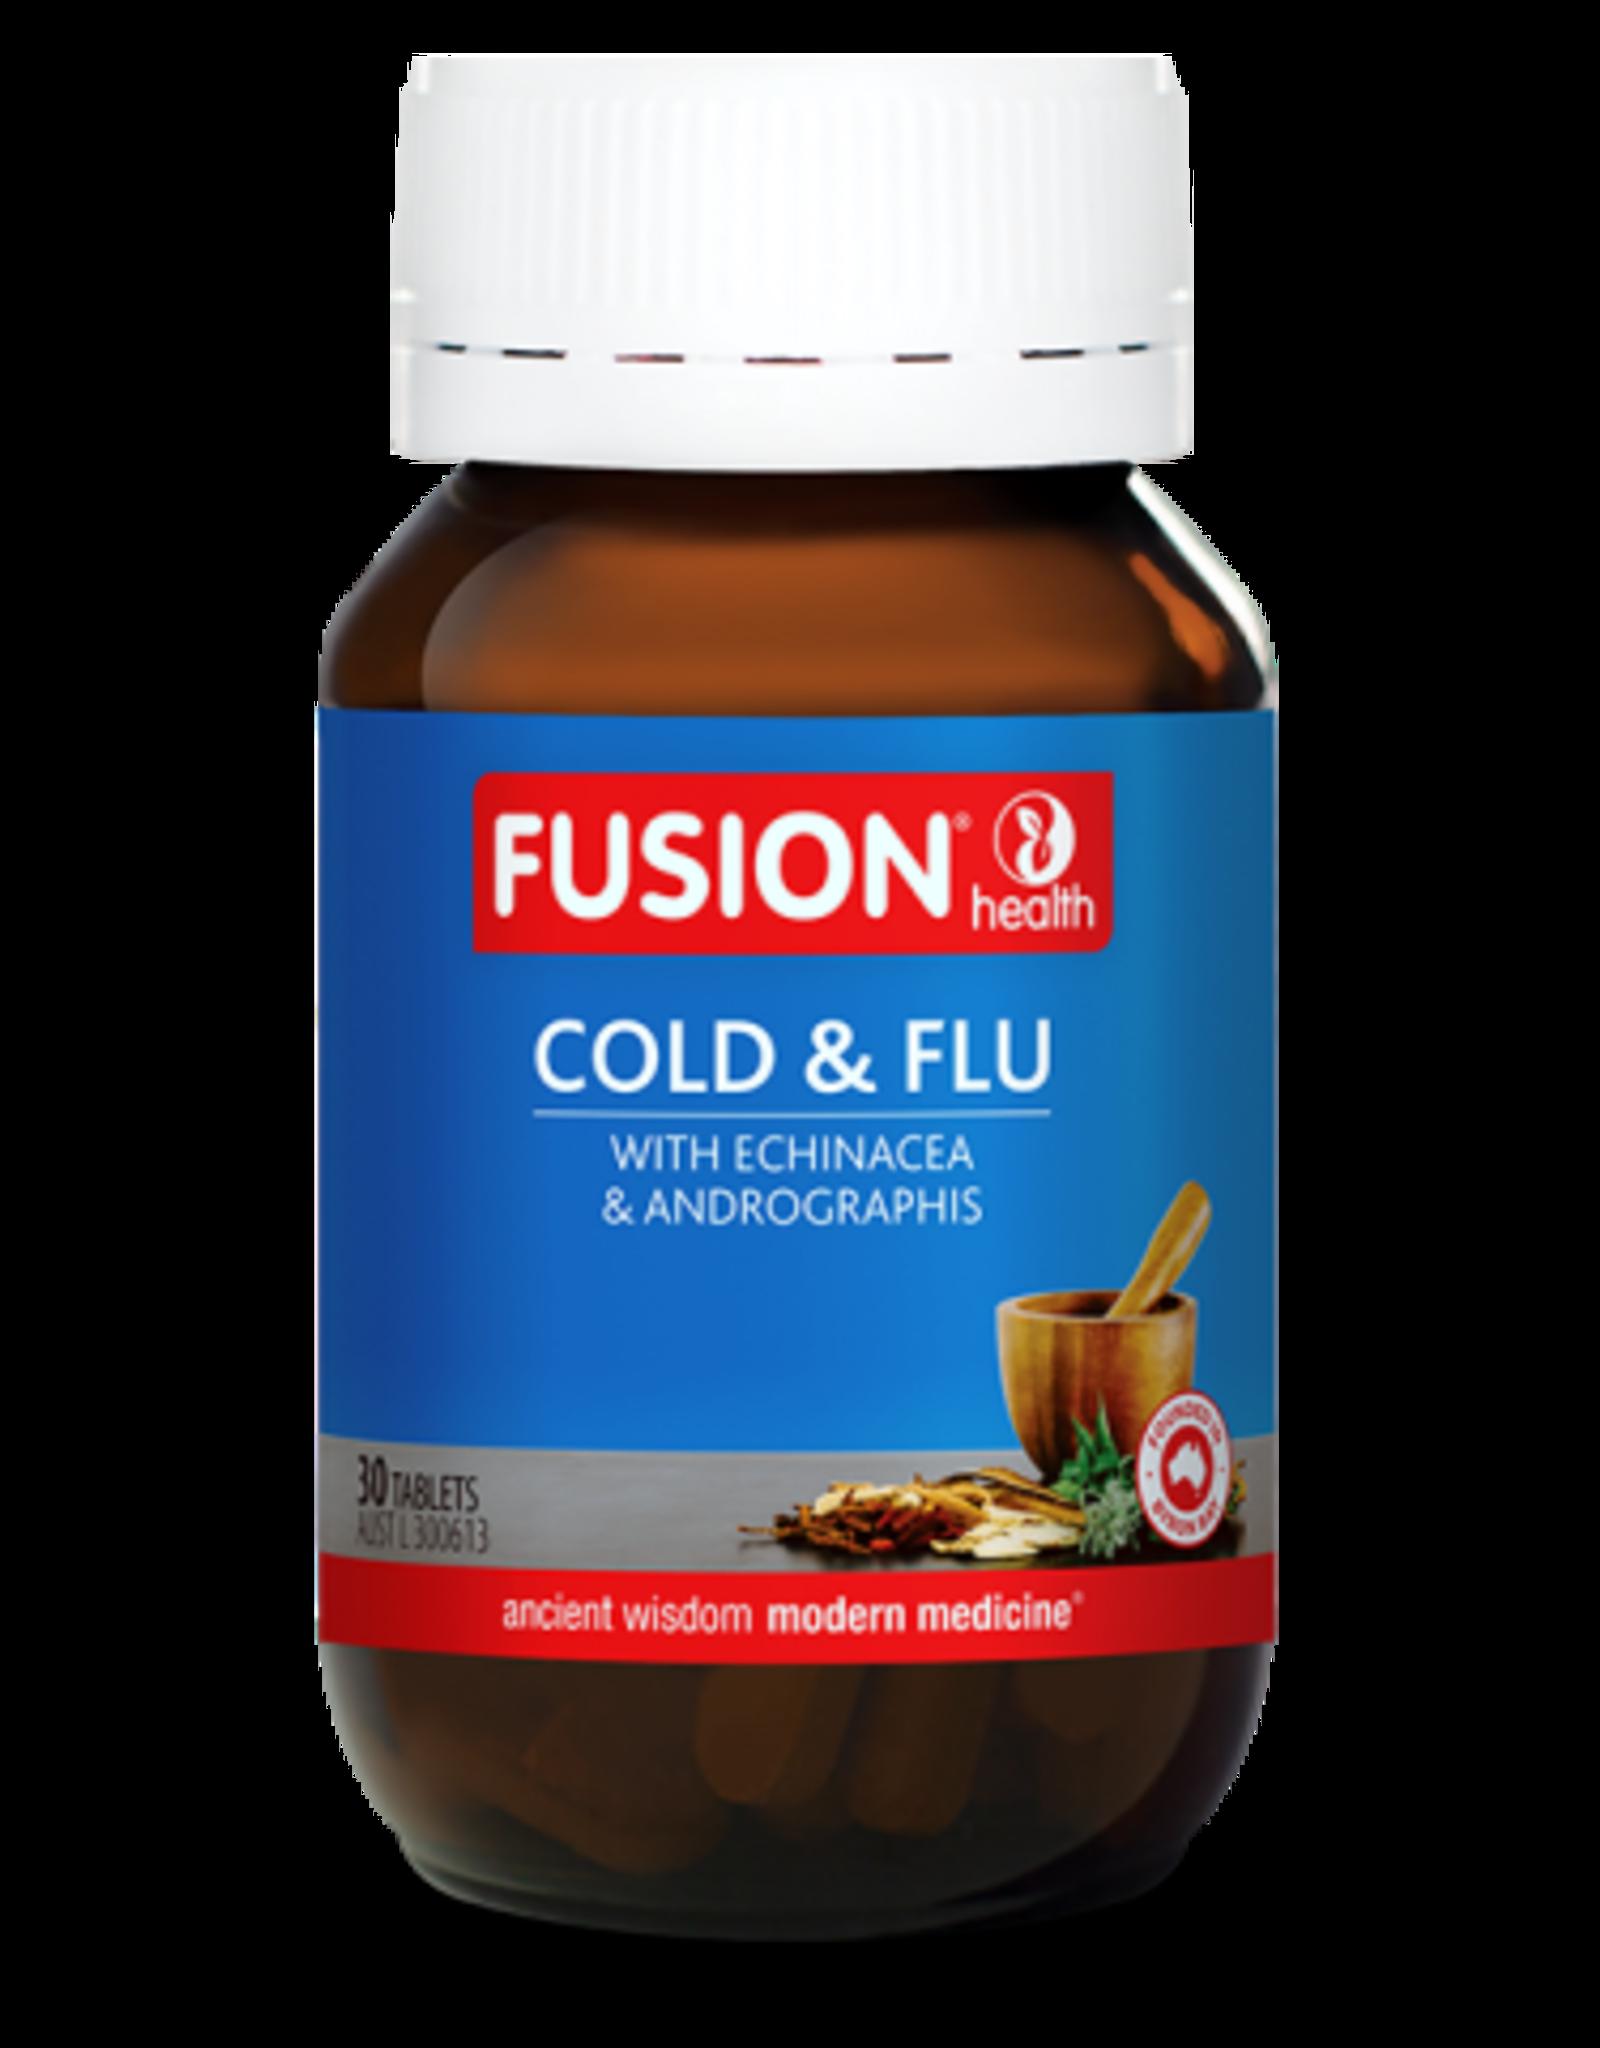 Fusion Cold & Flu